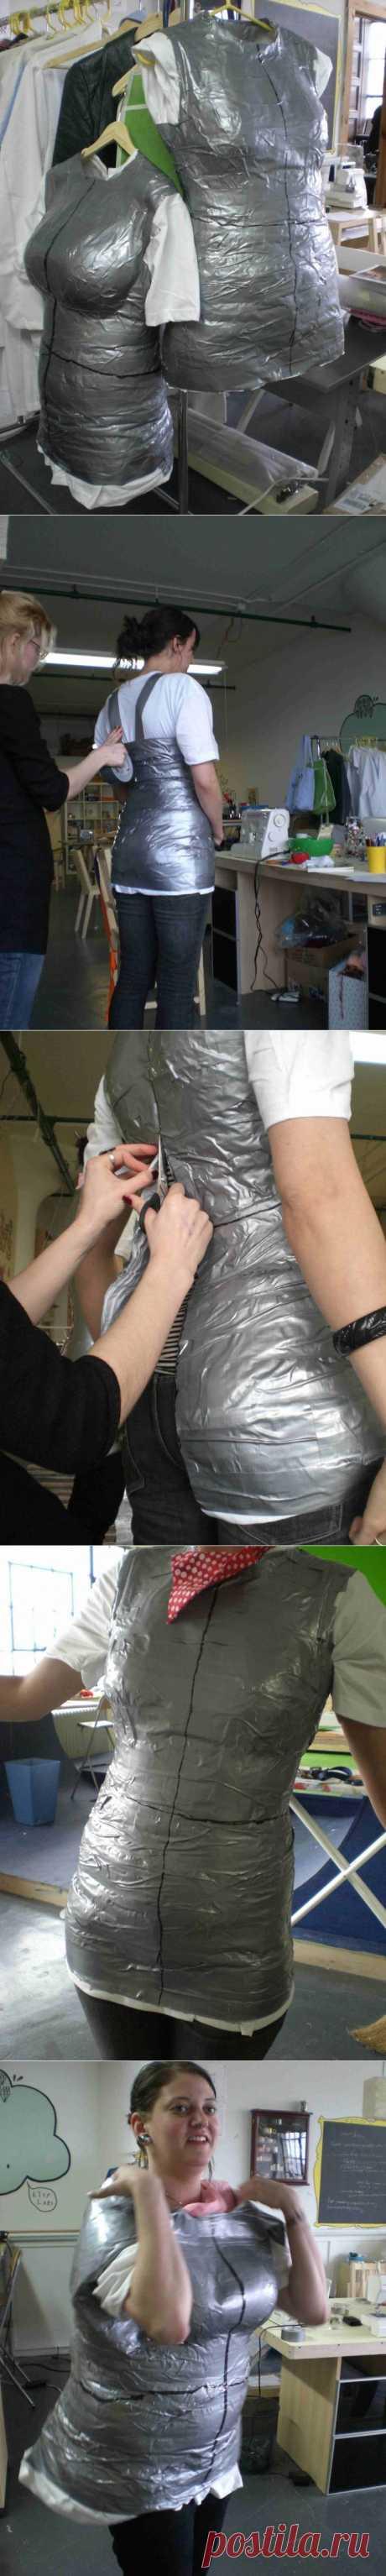 На подходящее тело одевается футболка и тело в футболке оклеивается скотчем. Затем разрезаем, снимаем и склеиваем.  Как сделать манекен / Материалы, техники и инструменты /